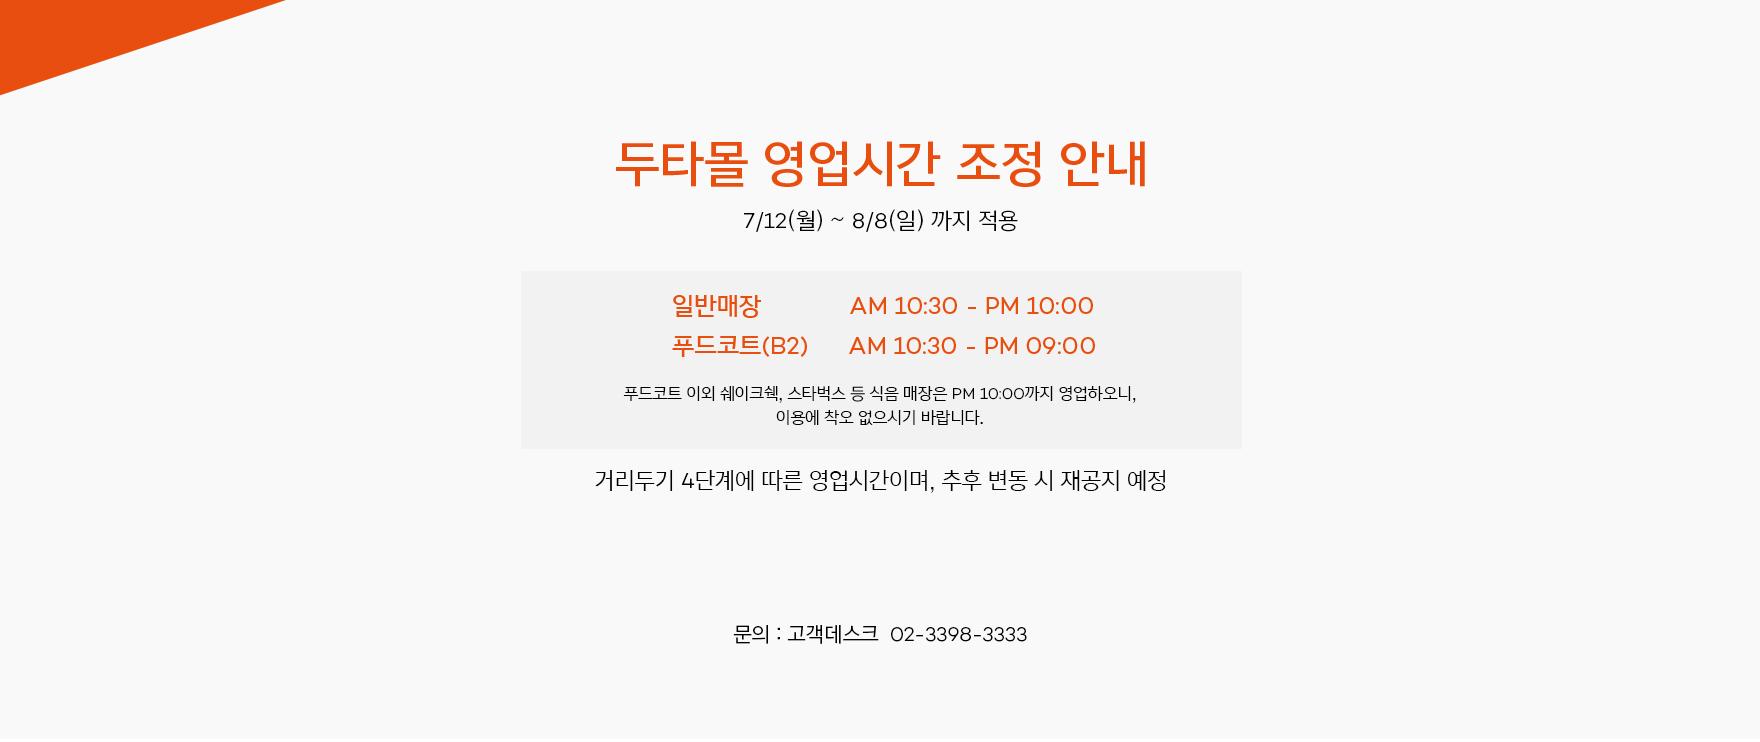 영업시간 조정 안내 (7/12~8/8)